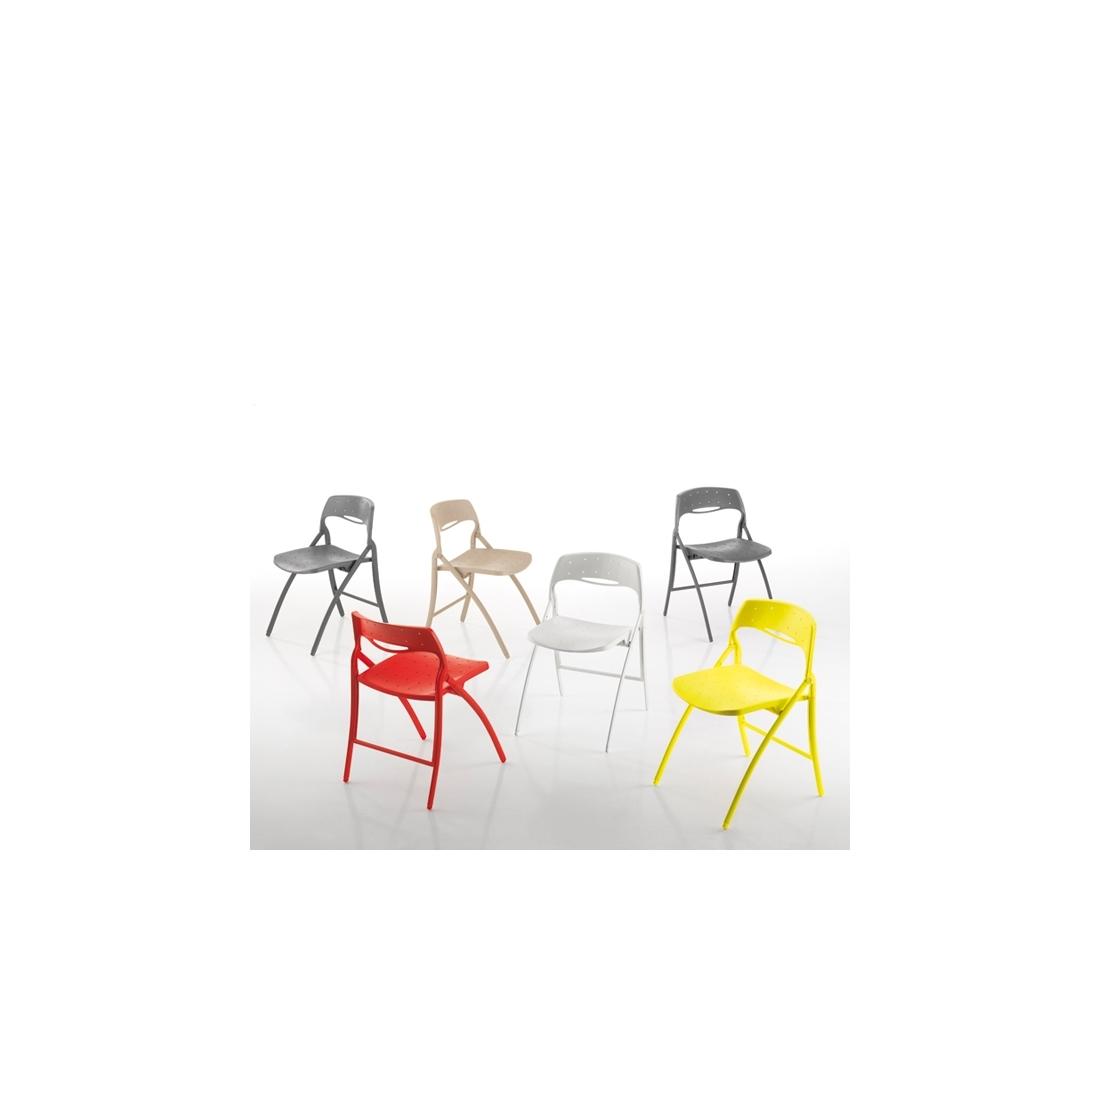 Lampes solaires de jardin castorama fashion designs for Chaise pliante castorama